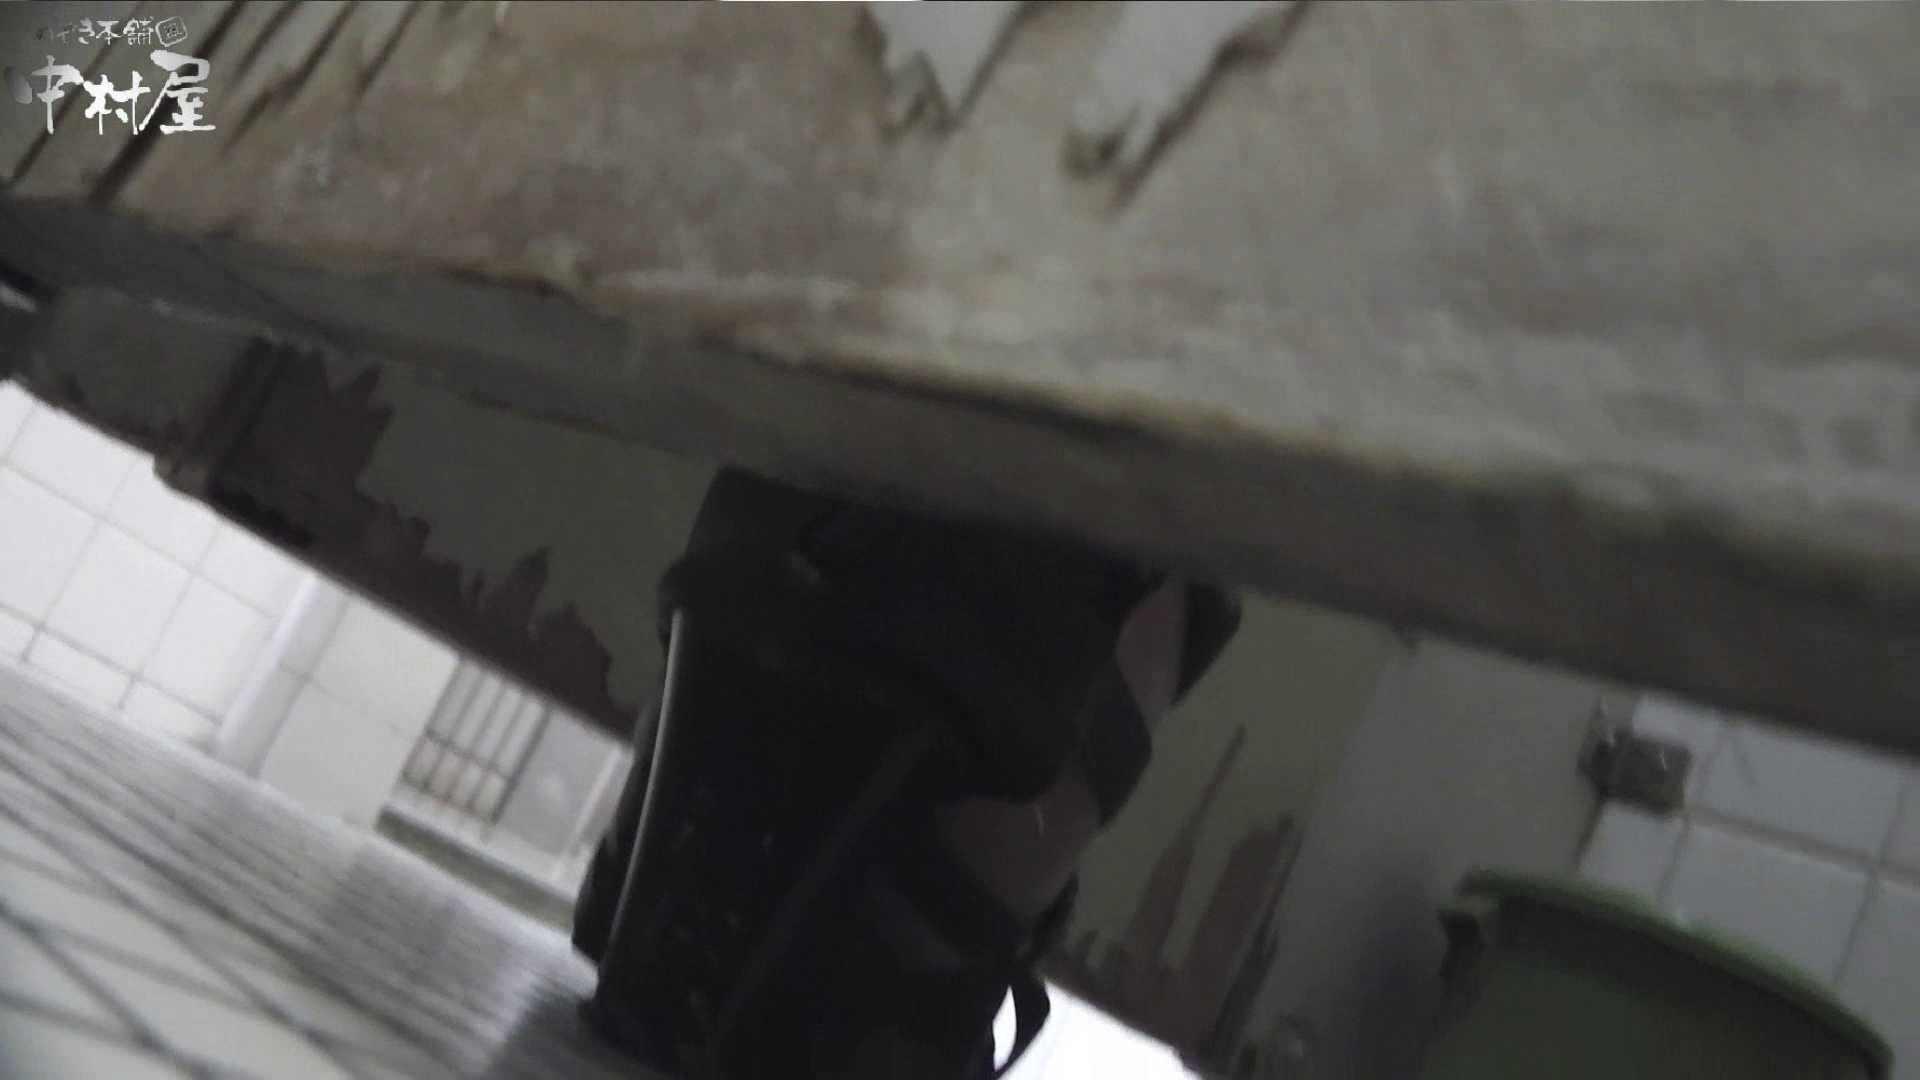 vol.49 命がけ潜伏洗面所! ポニテたんのソフトなブツ・推定180g プライベート | OLセックス  92画像 69